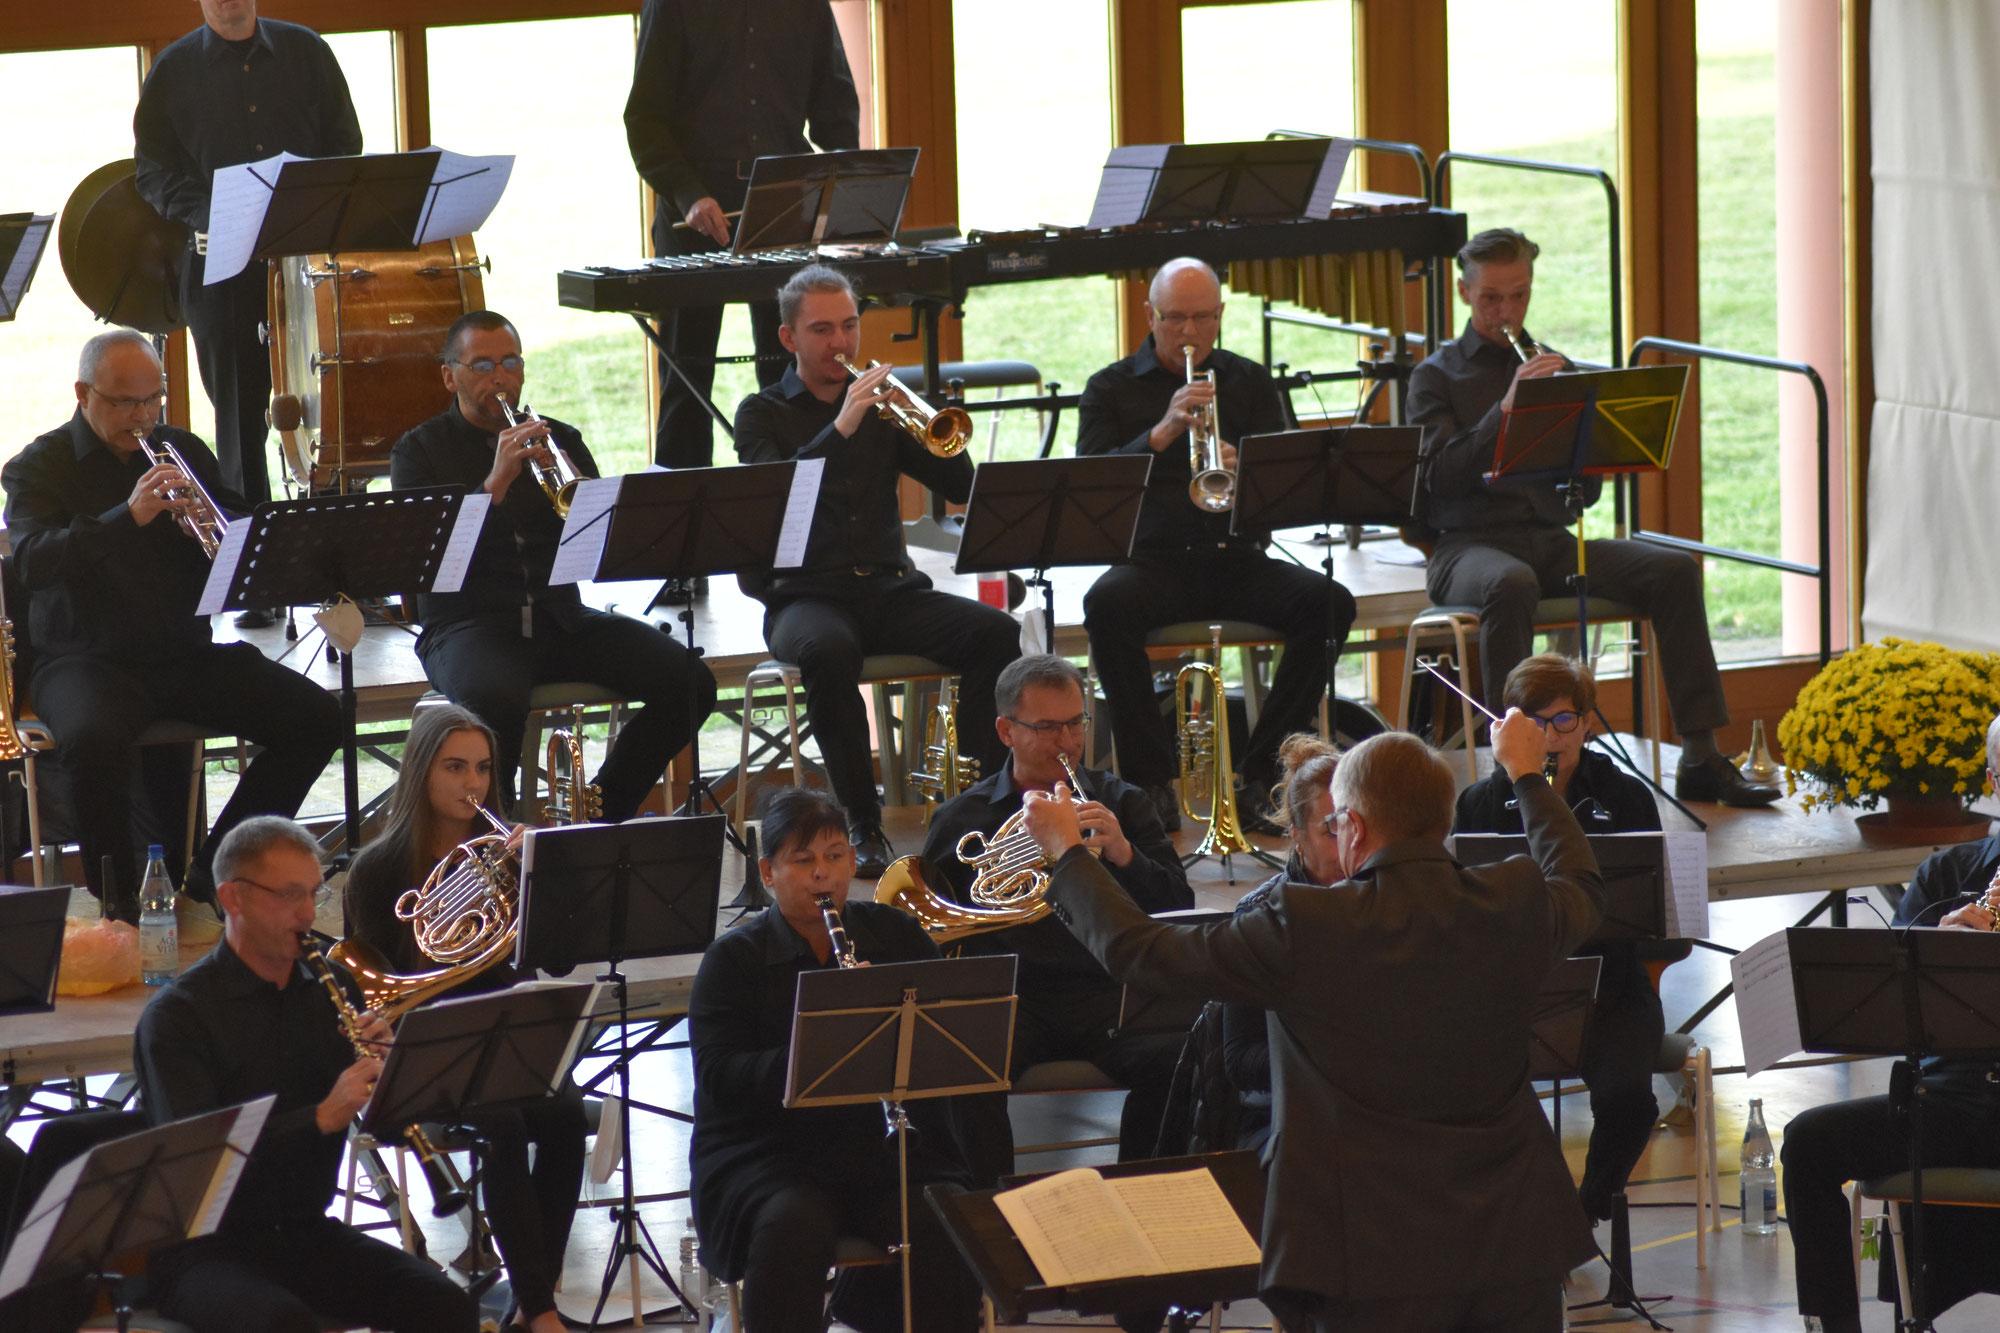 Trauer, Anteilnahme und ein bewegendes Konzert des Musikverein Schuttern